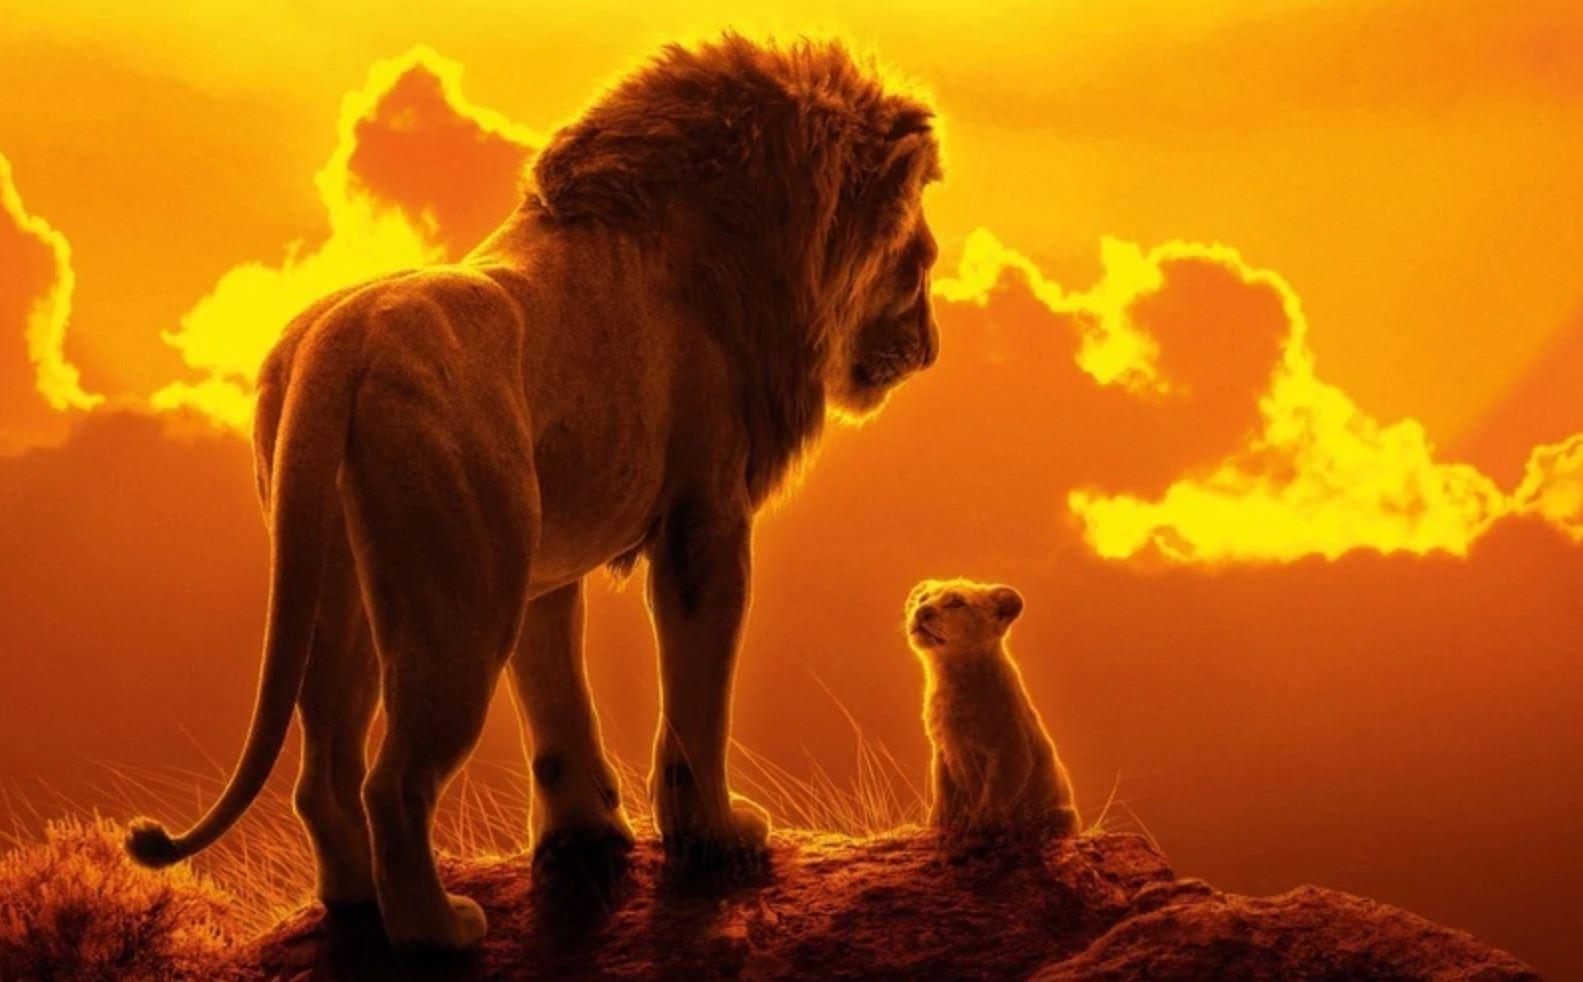 el rey leon pelicula edad